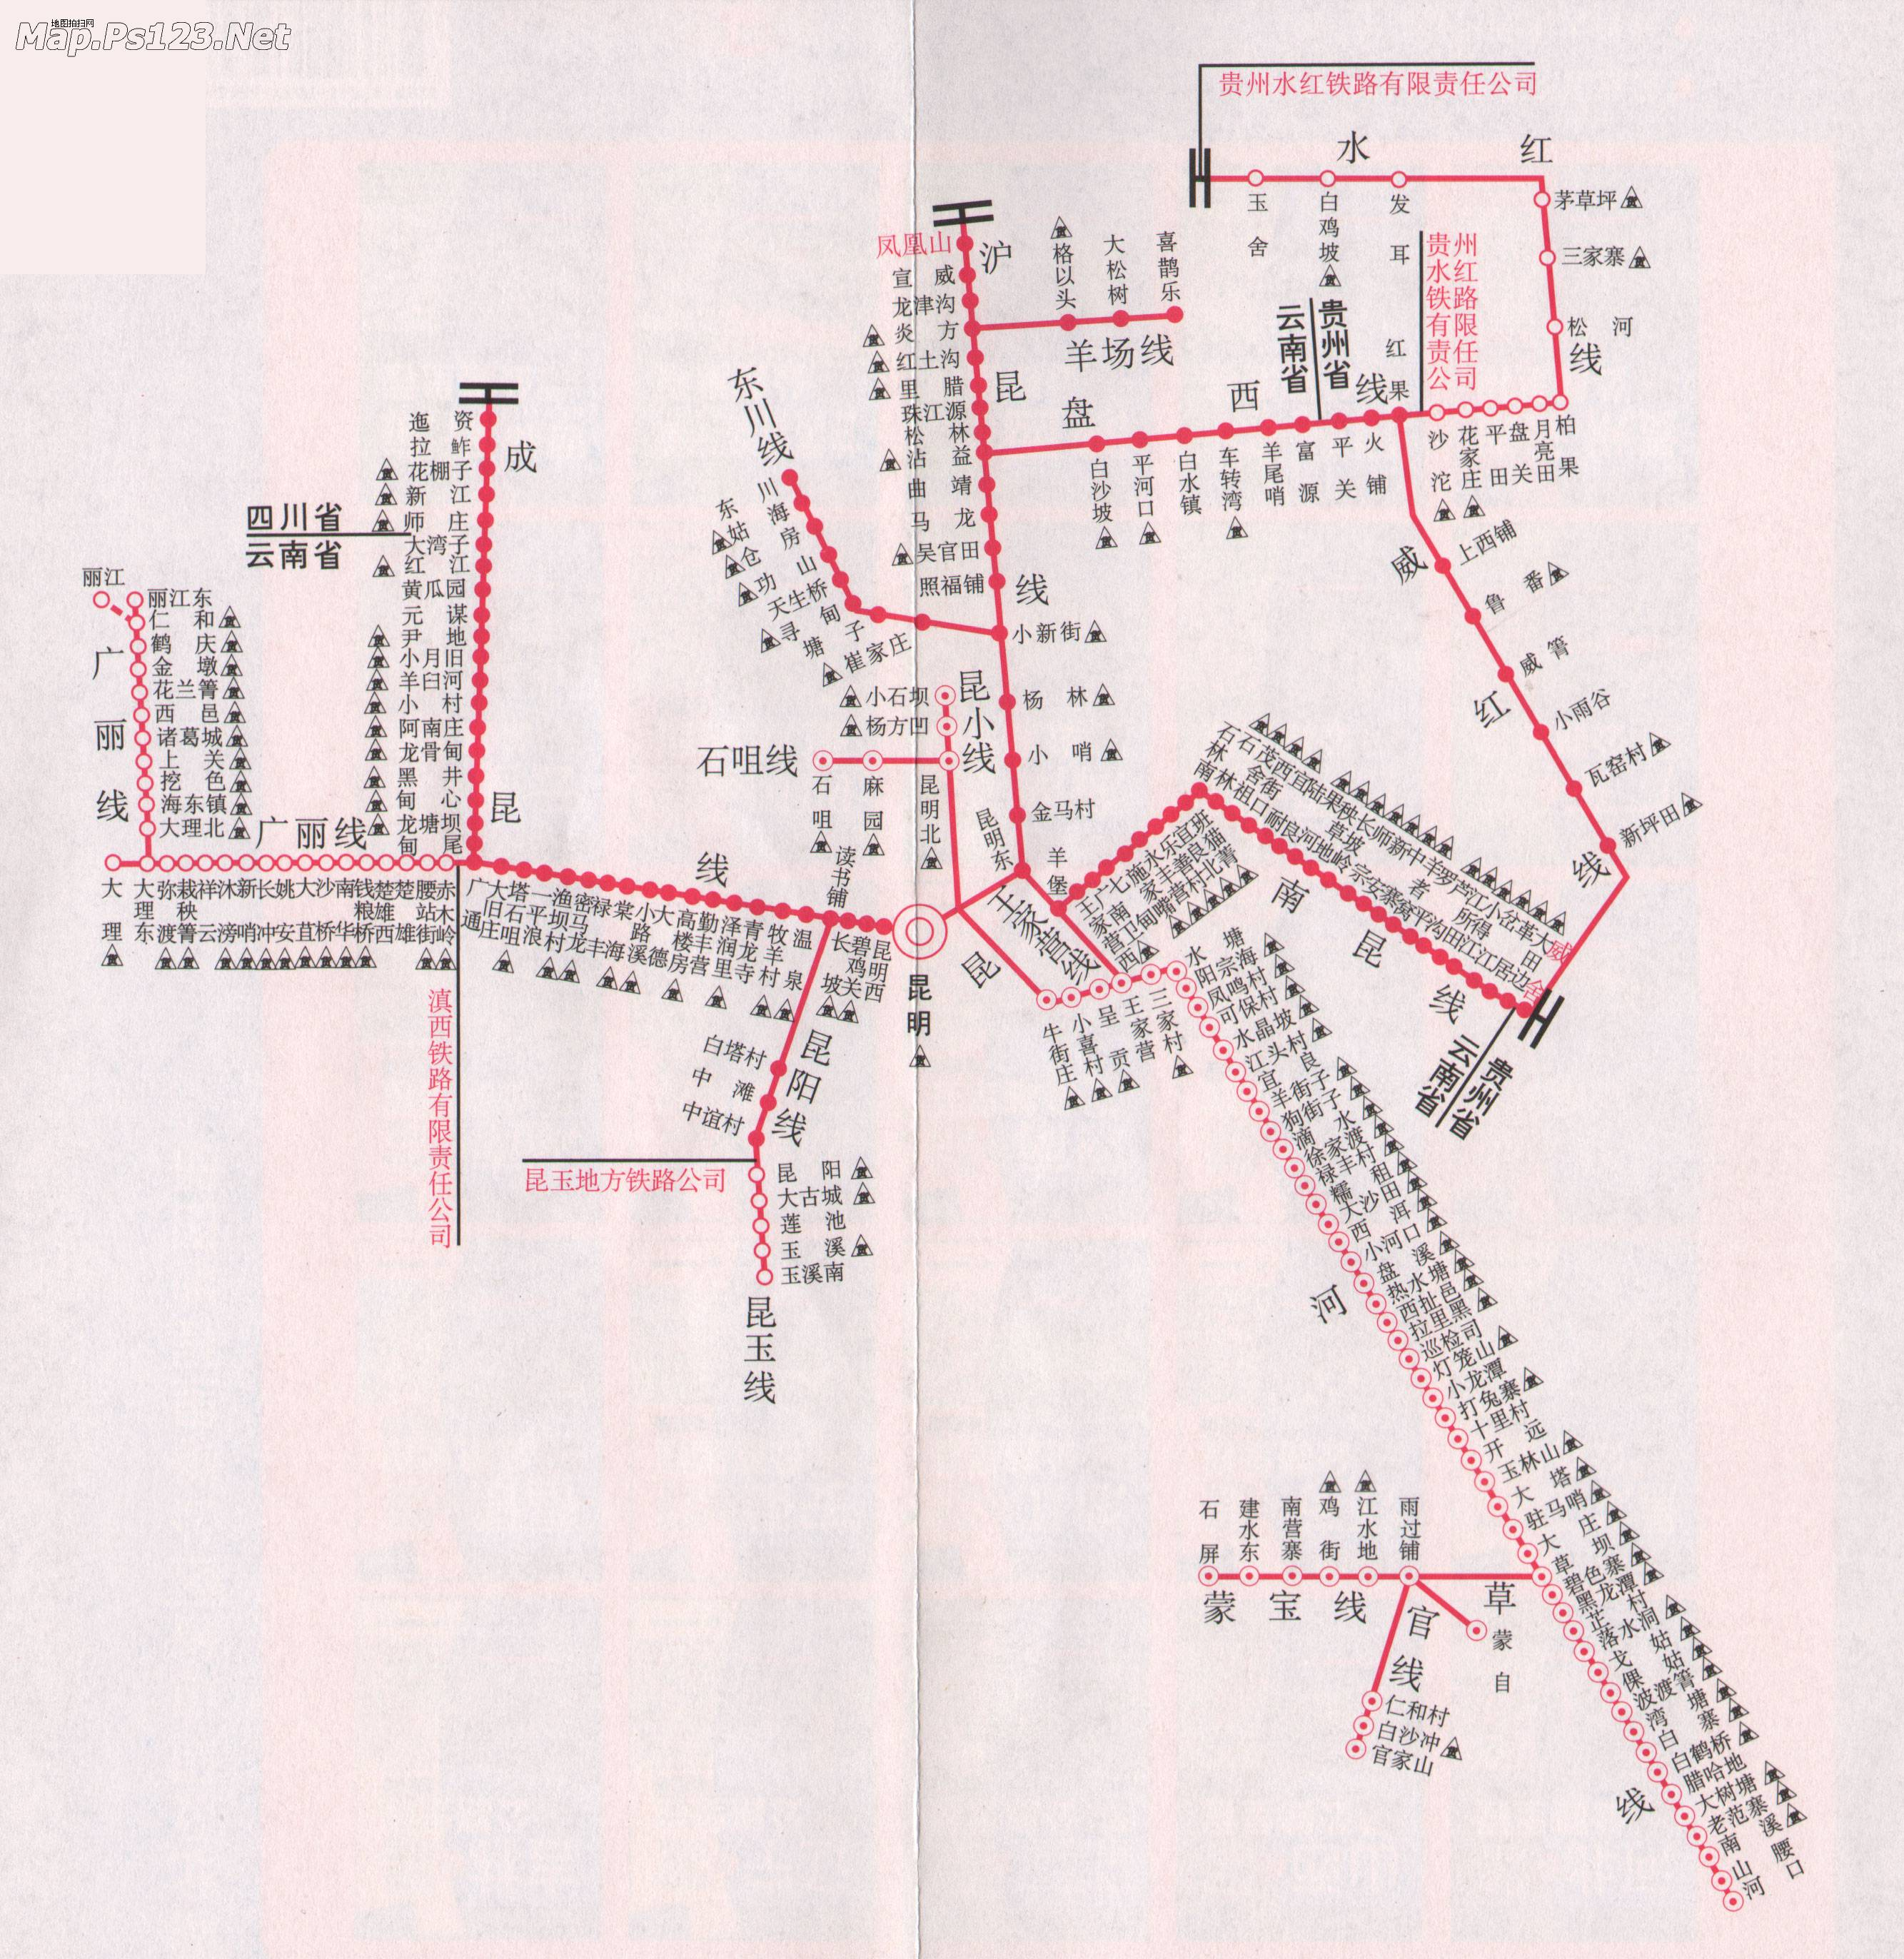 成都铁路局规划图_昆明局管辖的铁路线路图_交通地图库_地图窝